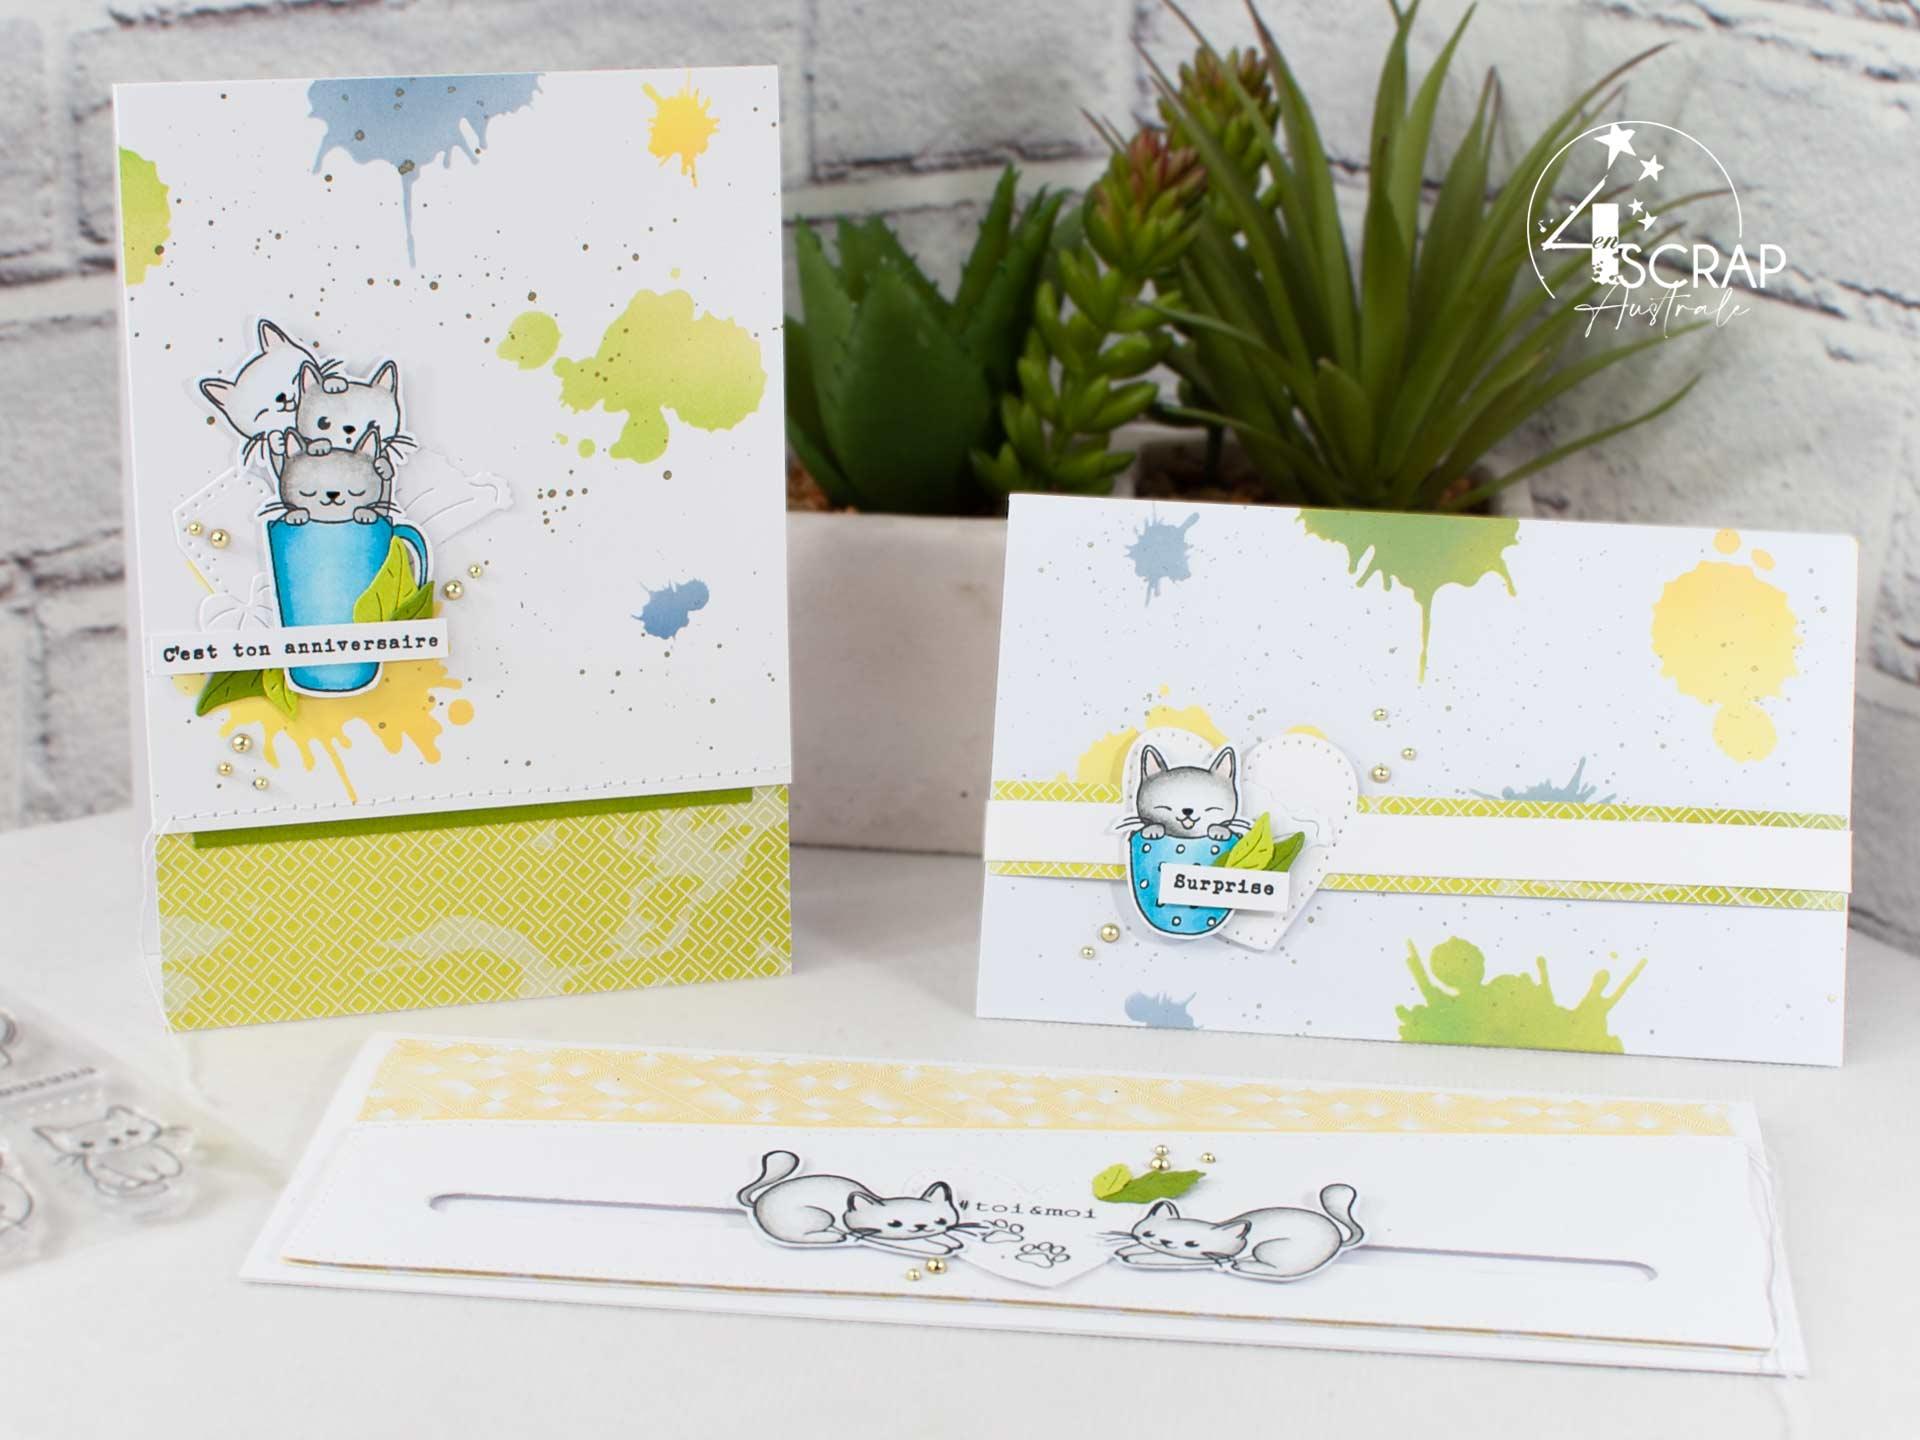 Trio de créations sur le thème des chats pour la collection été 2021 de 4enscrap.